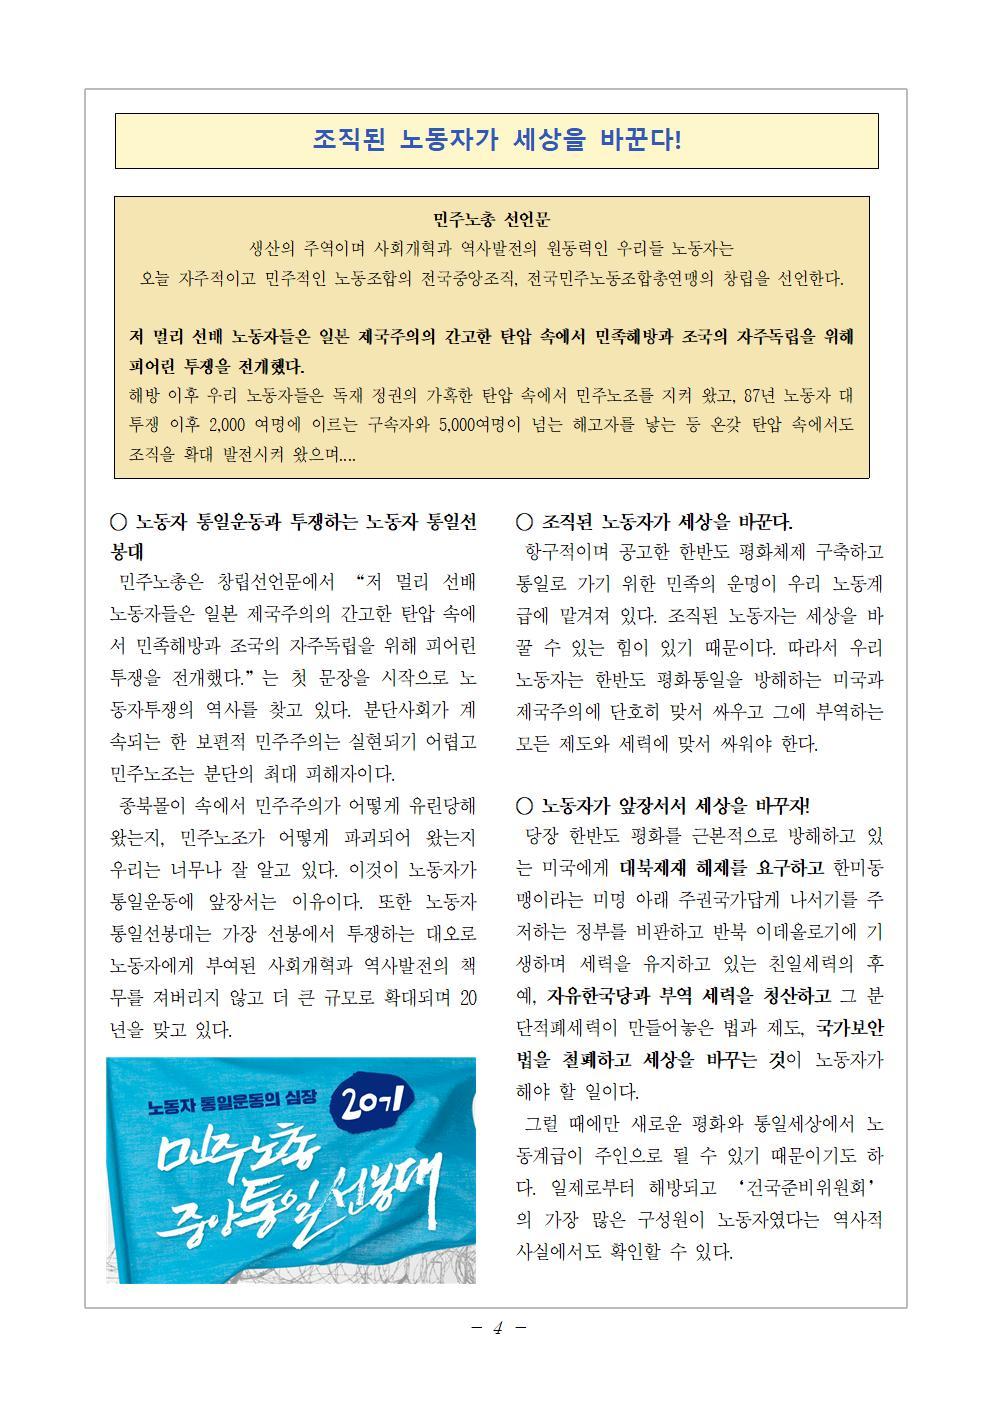 2019_815_남북공동선언(최종)004.jpg